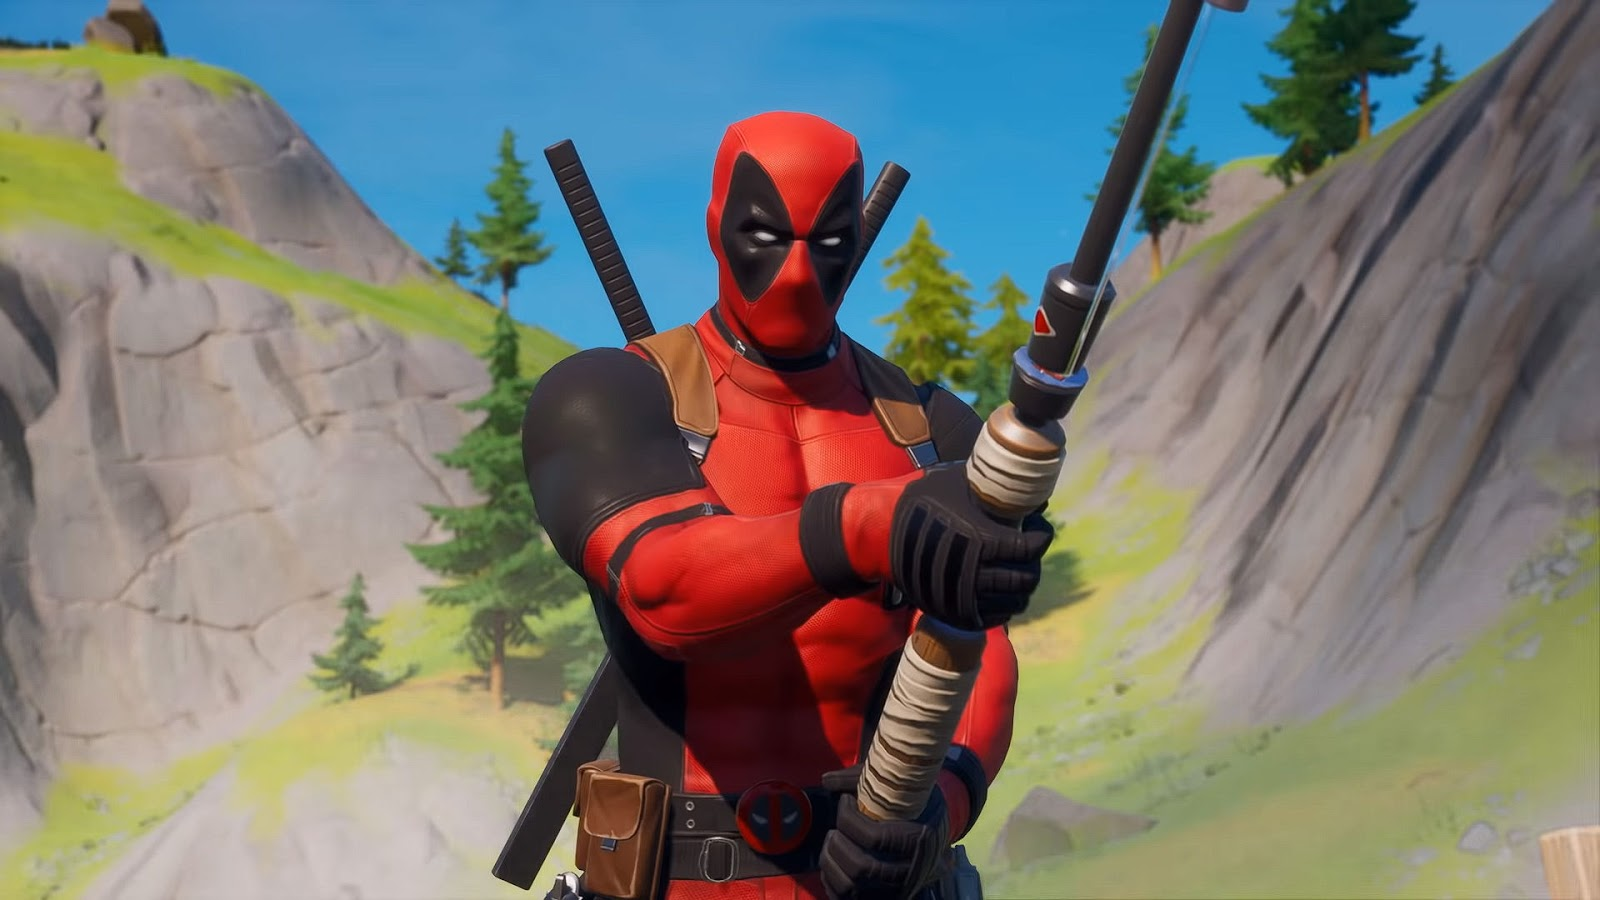 استعدوا لاستقبال البطل الخارق الظريف – فقد وصل Deadpool إلى Fortnite